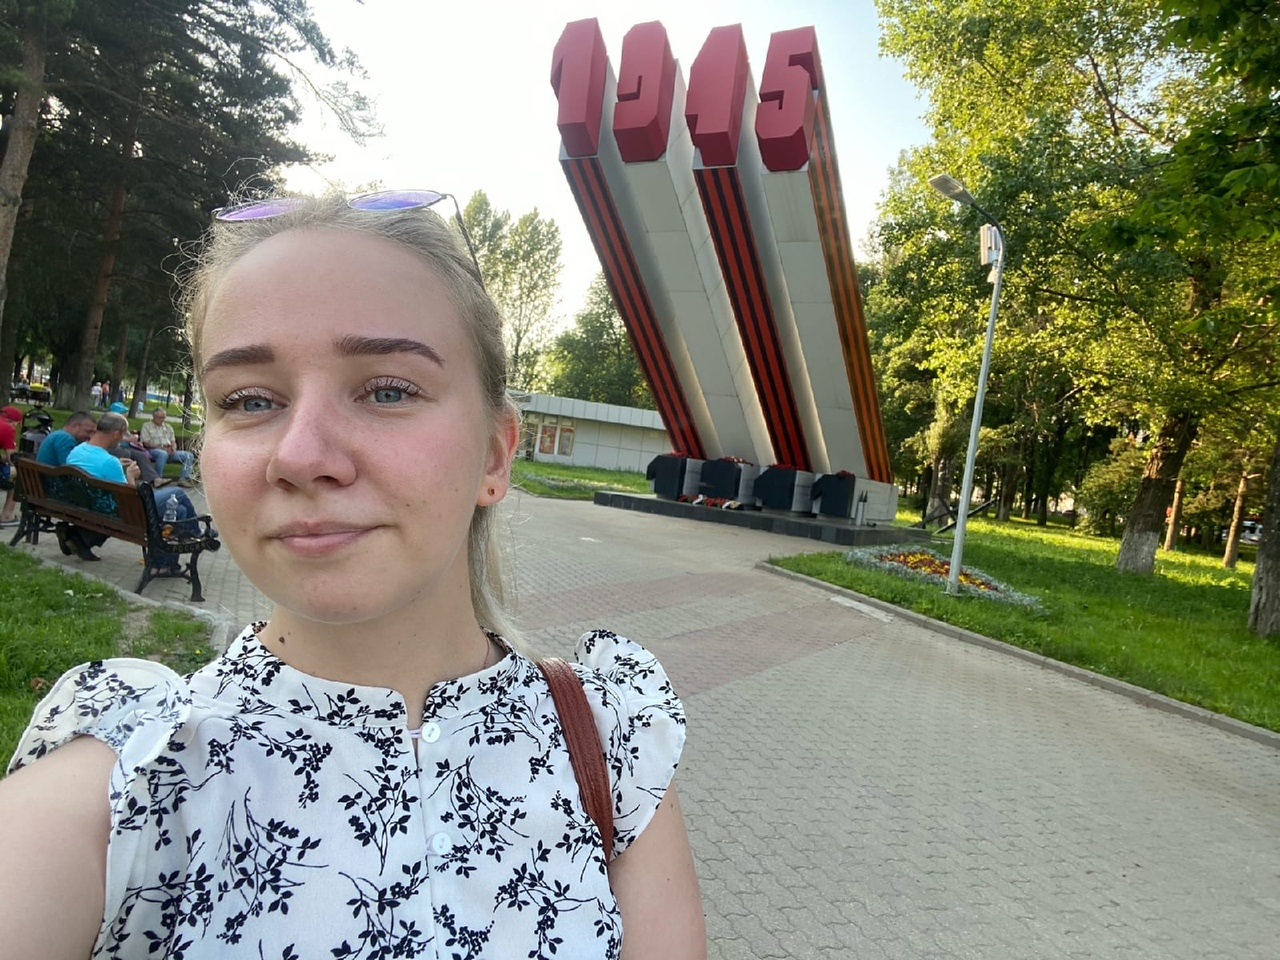 День селфи: Ярославль — идеальный город для селфи-туризма